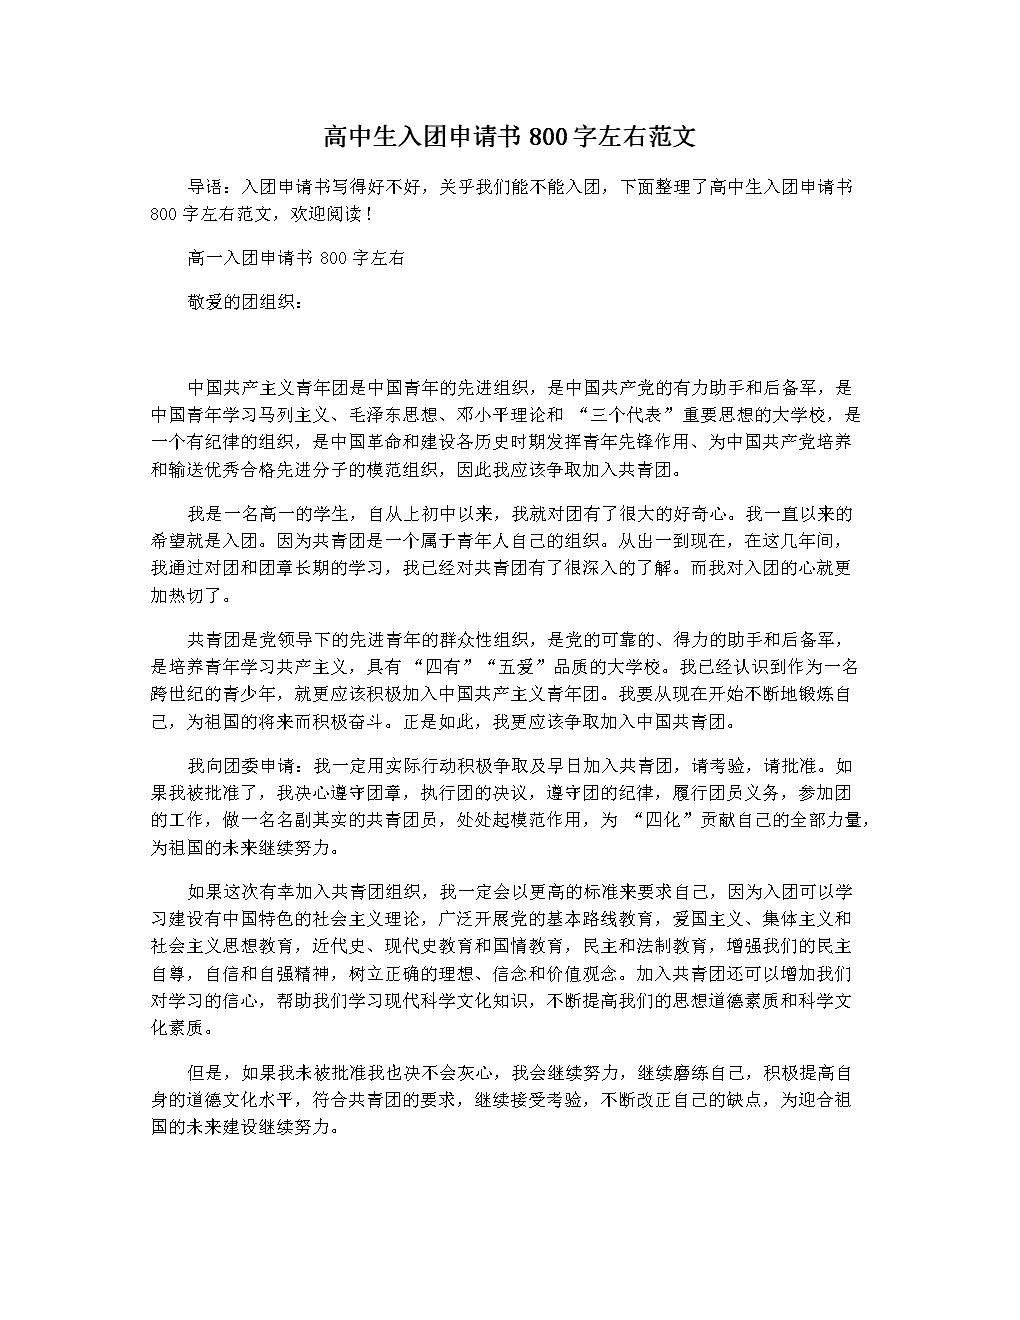 高中生入团申请书800字左右范文.docx